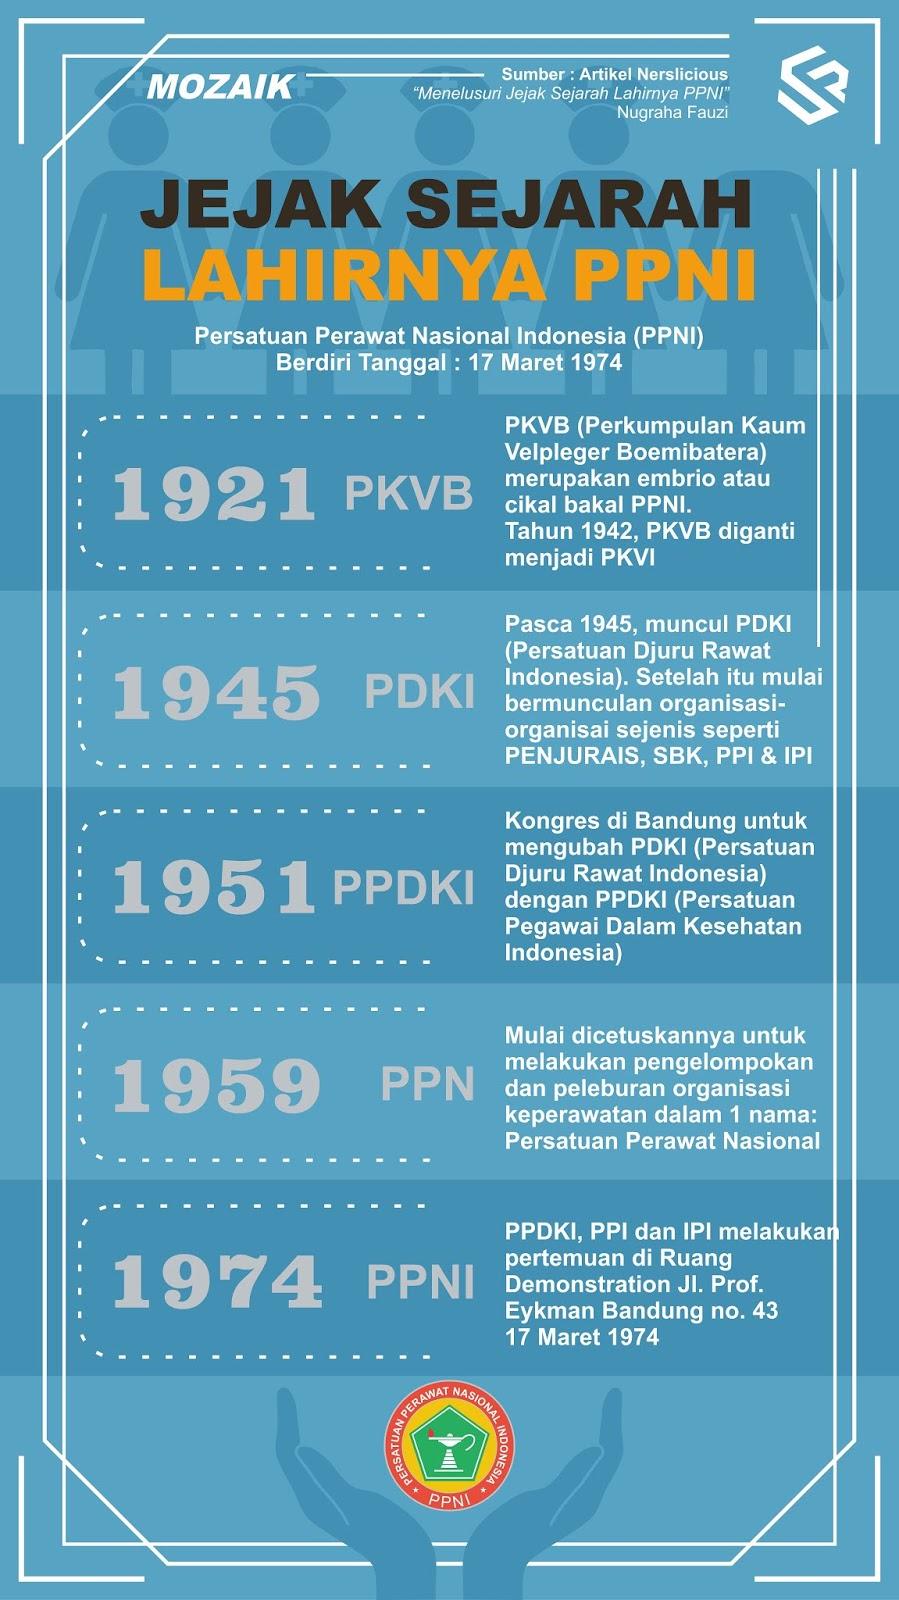 Sejarah PPNI